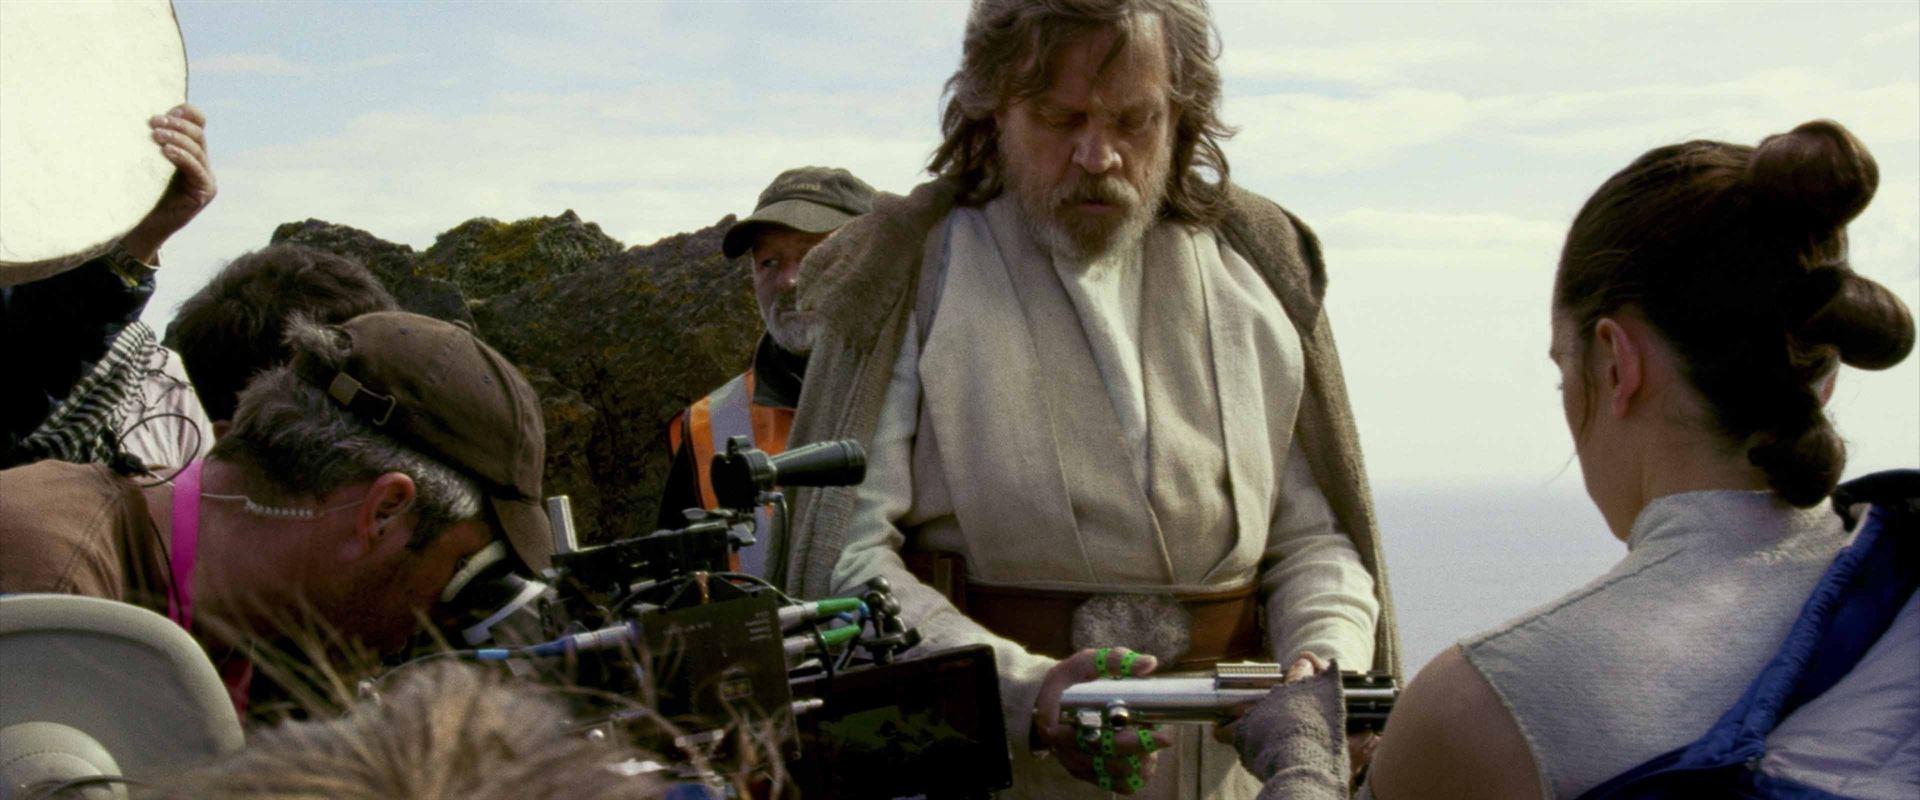 8 - Star Wars Les Derniers Jedi LE FILM - Vos Avis . SPOILER 0331802